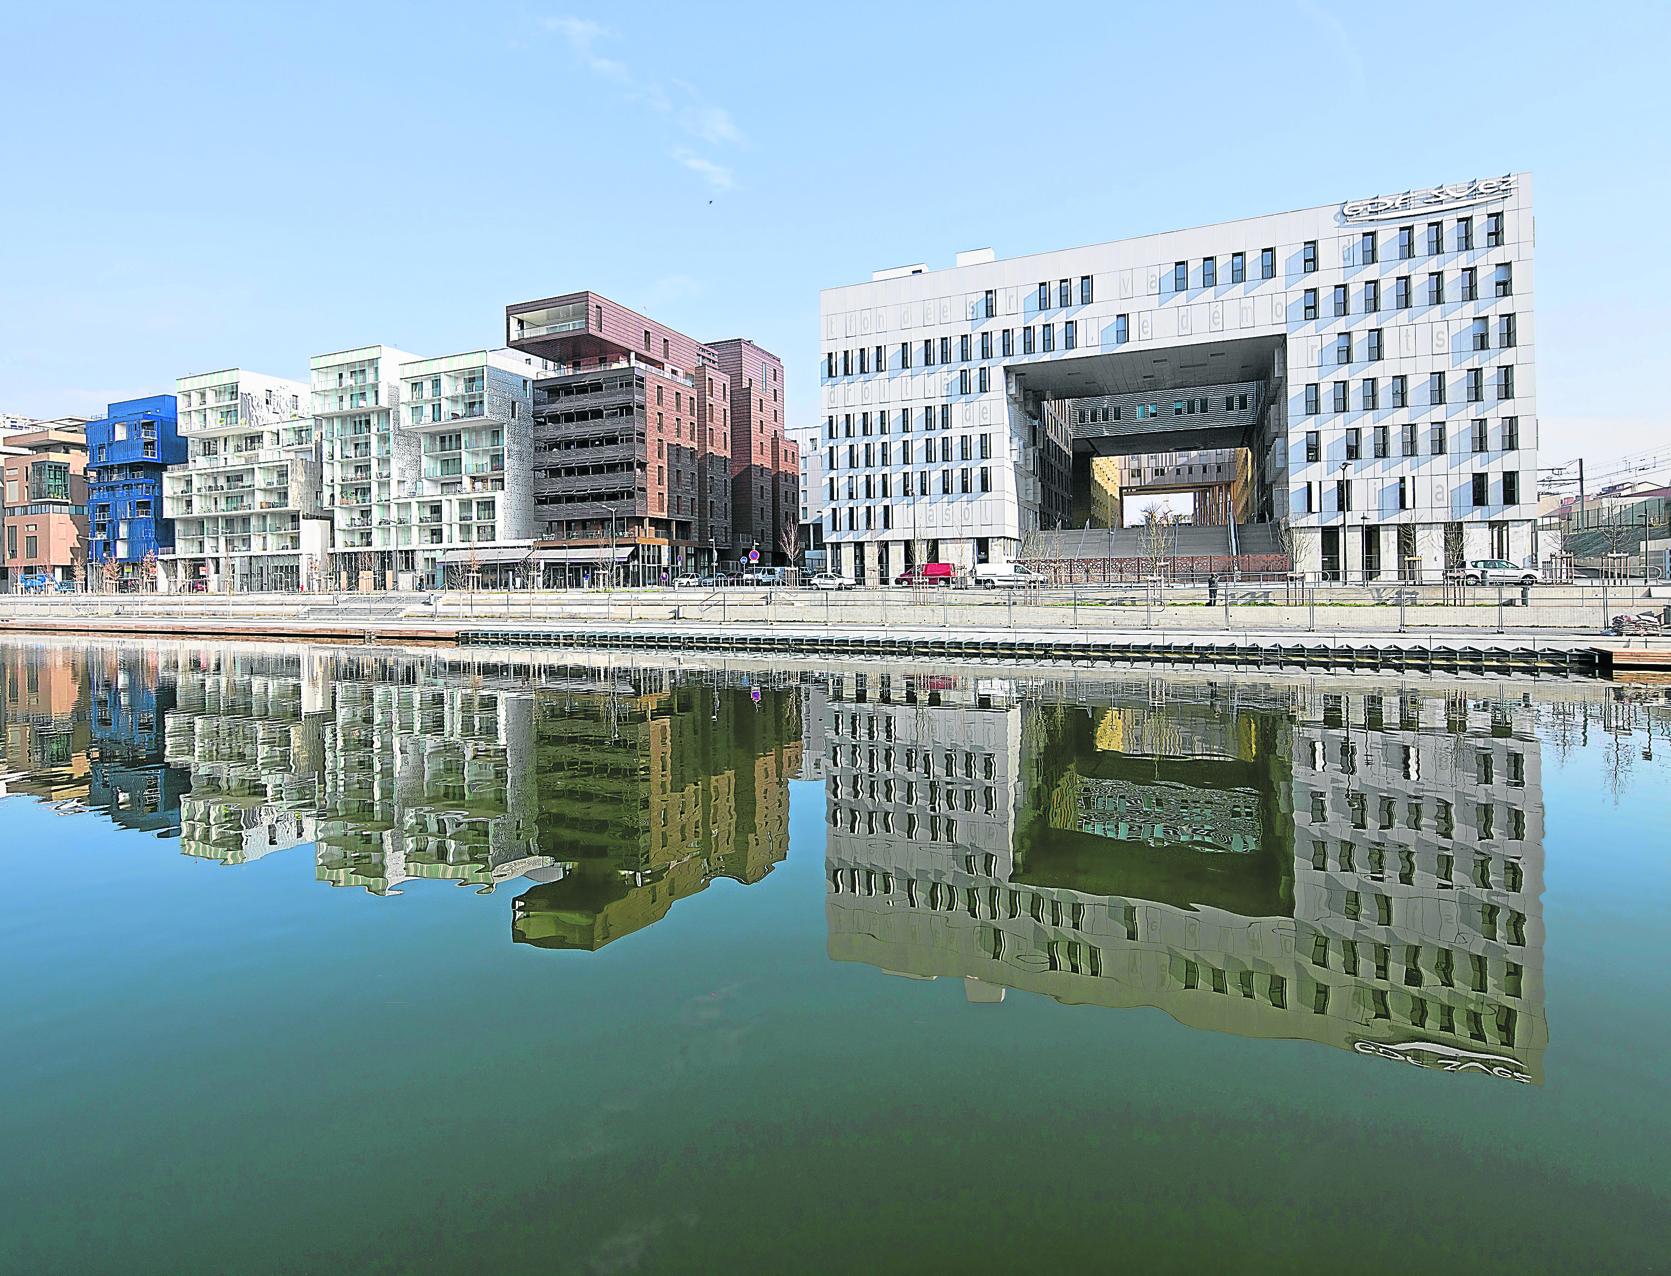 Faute de moyens, les villes se convertissent à un urbanisme banalisé dans Aménagement ECH21215125_1